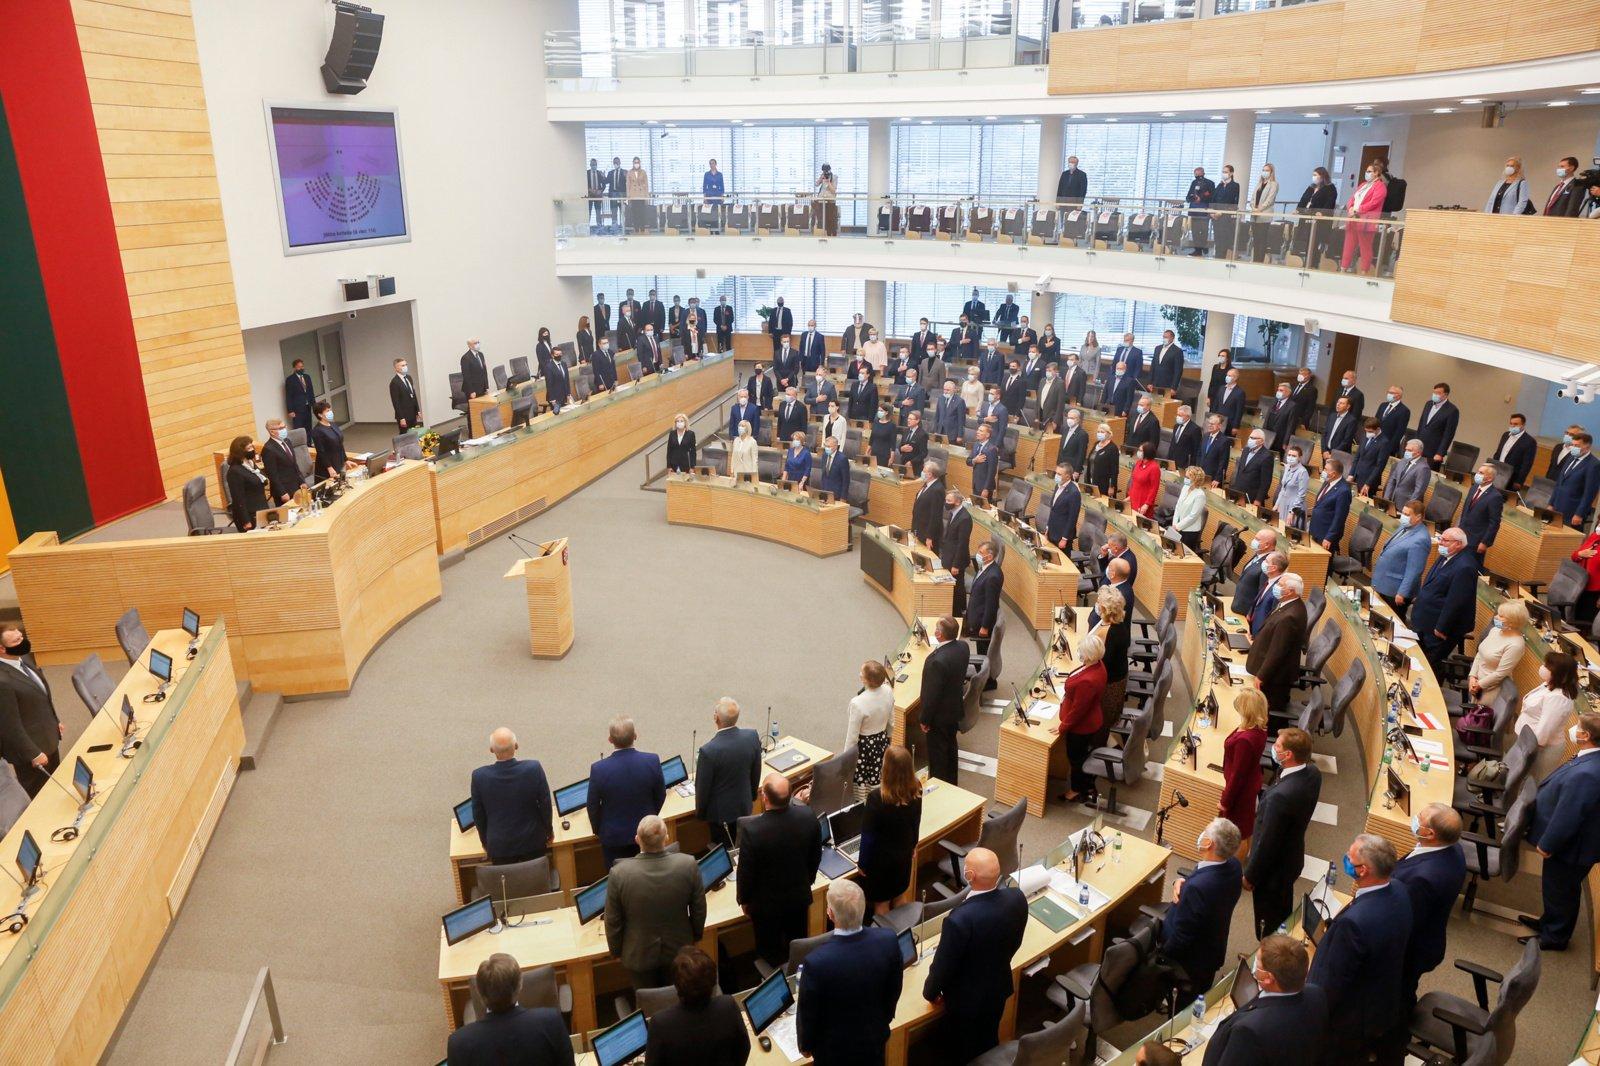 Seimo nario pažymėjimų įteikimo ir priesaikos ceremonijos pirmą kartą bus kitokios